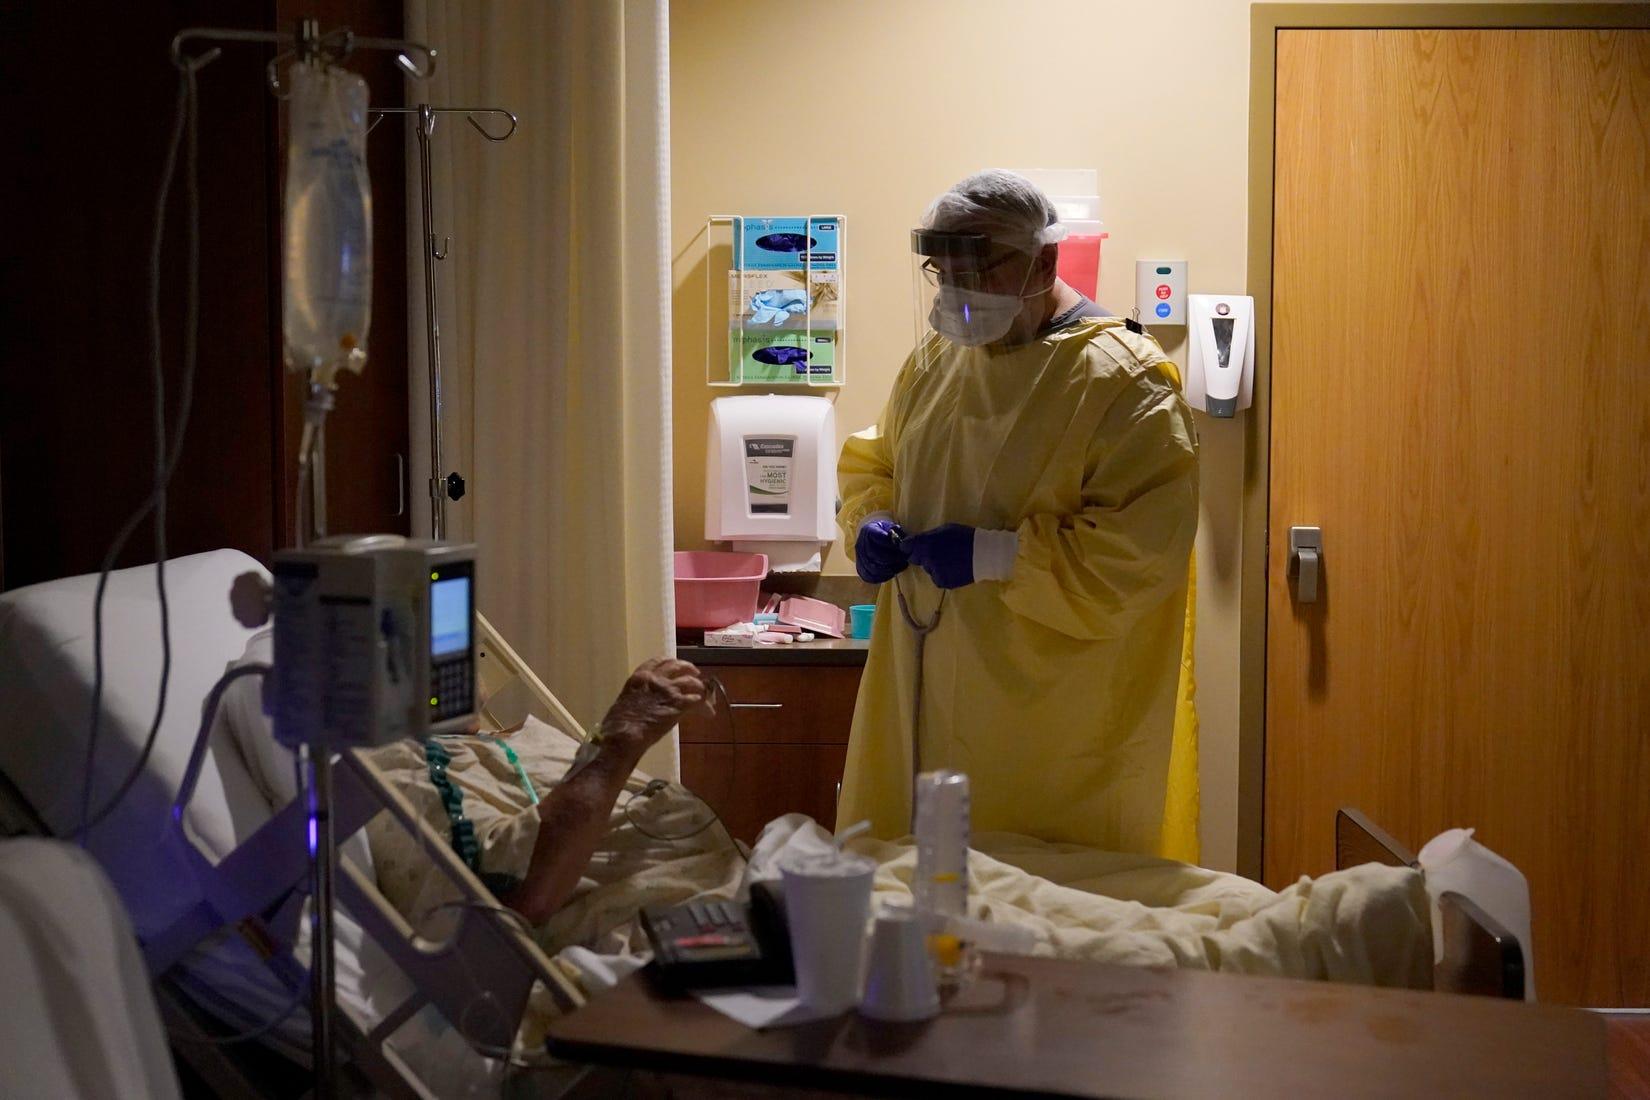 Nhân viên y tế được yêu cầu phải tiêm vắc-xin COVID-19 đầy đủ để đảm bảo an toàn trong chăm sóc và điều trị bệnh nhân - Ảnh: Jeff Roberson/AP